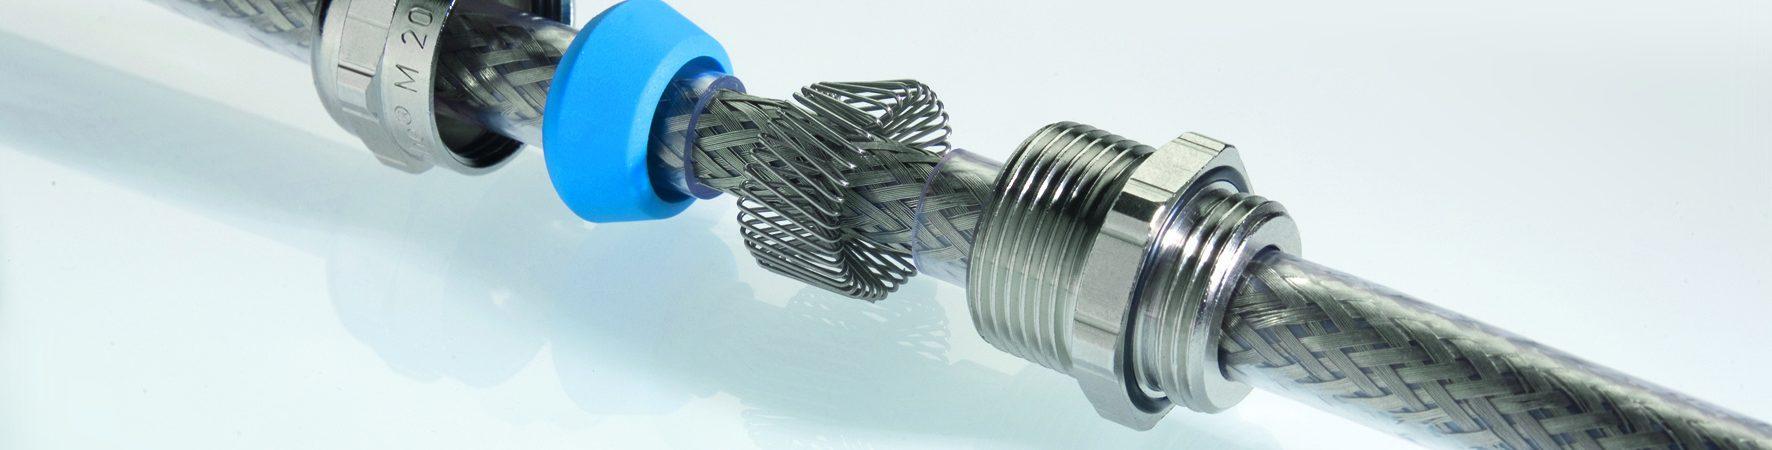 Blueglobe EMC kabelforskruninger